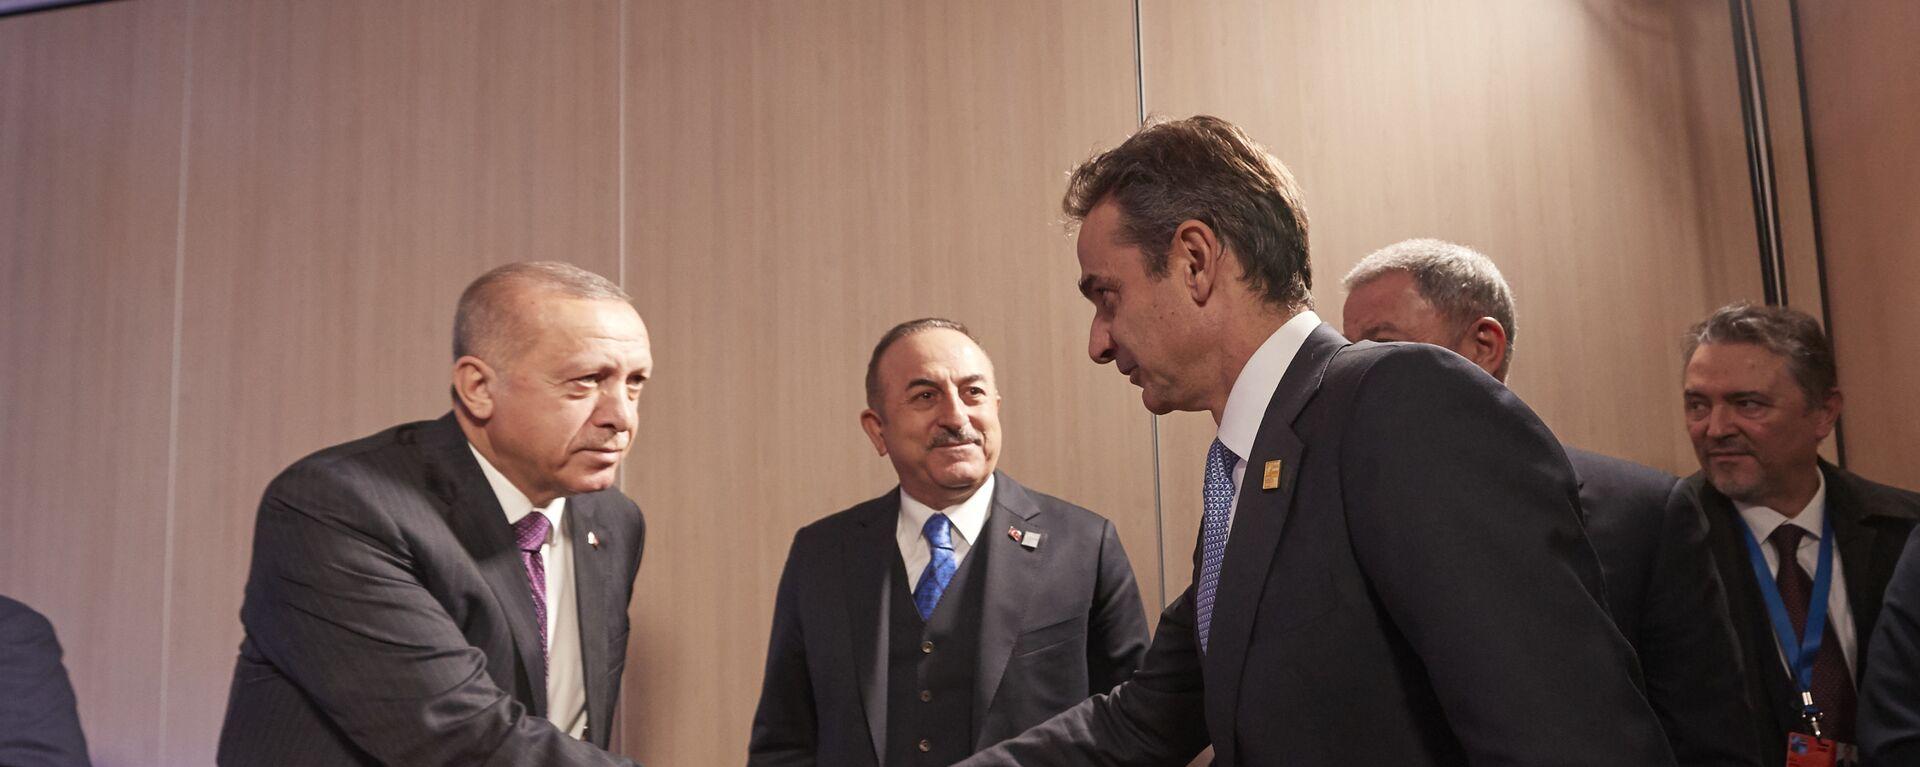 Κυριάκος Μητσοτάκης - Ρετζέπ Ταγίπ Ερντογάν κατά τη συνάντησή τους στη Σύνοδο του ΝΑΤΟ - Sputnik Ελλάδα, 1920, 20.08.2021